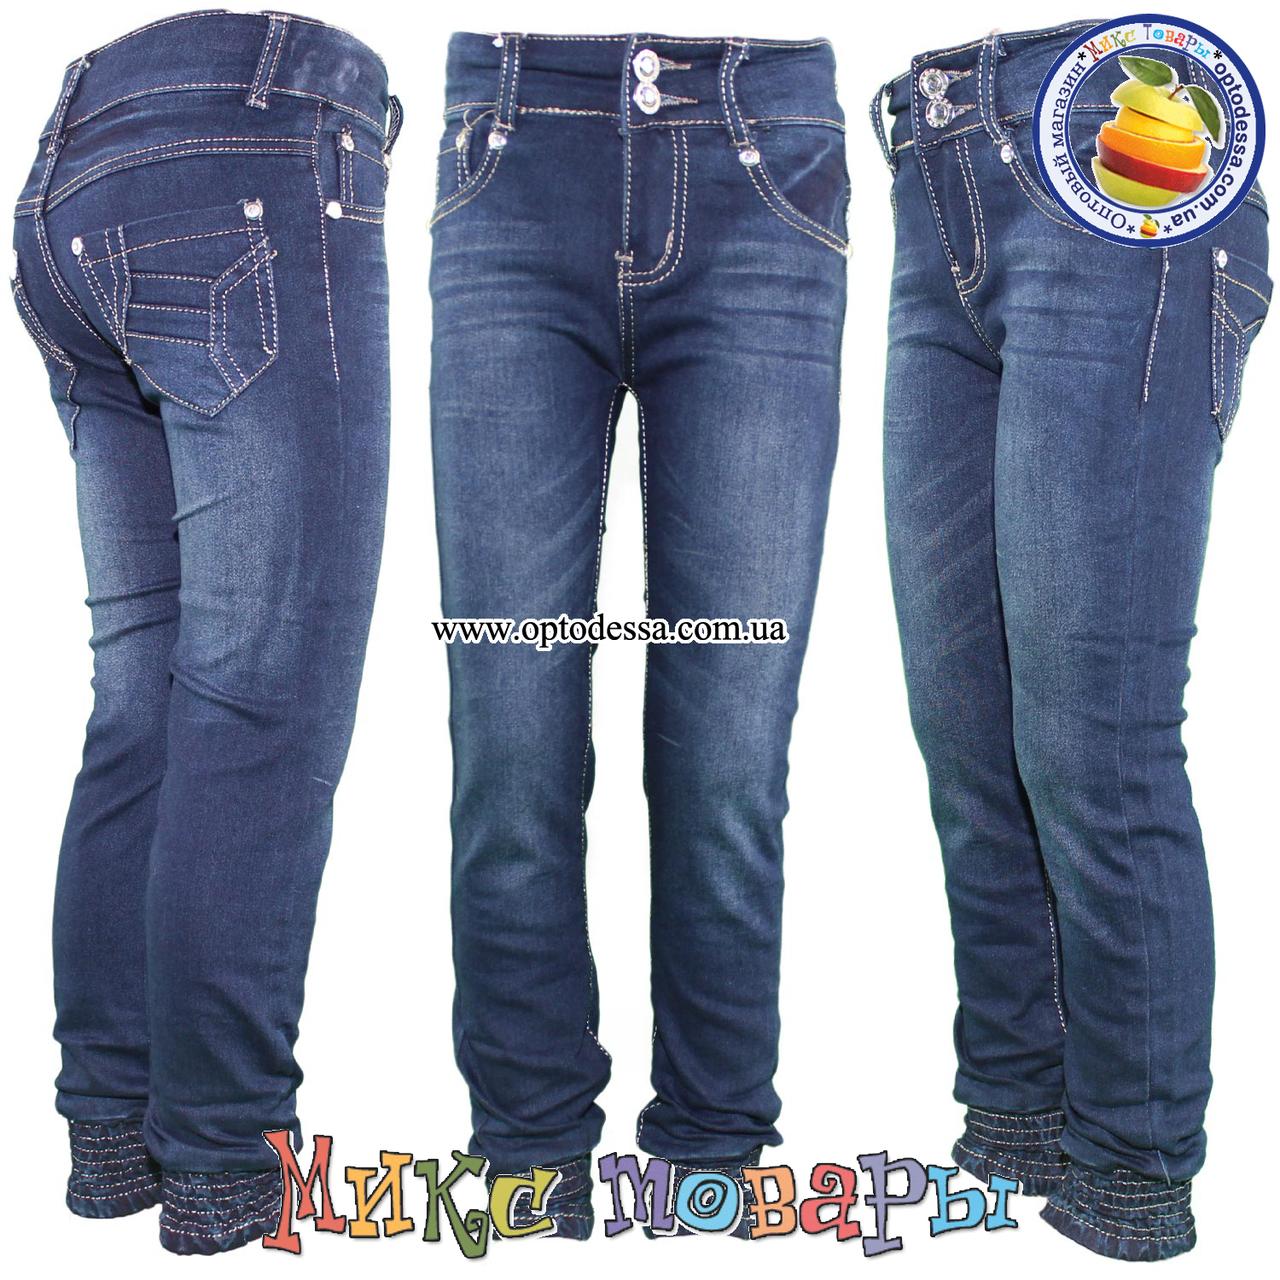 Джинсы с манжетам на штанине для девочек от 6 до 11 лет (4555)